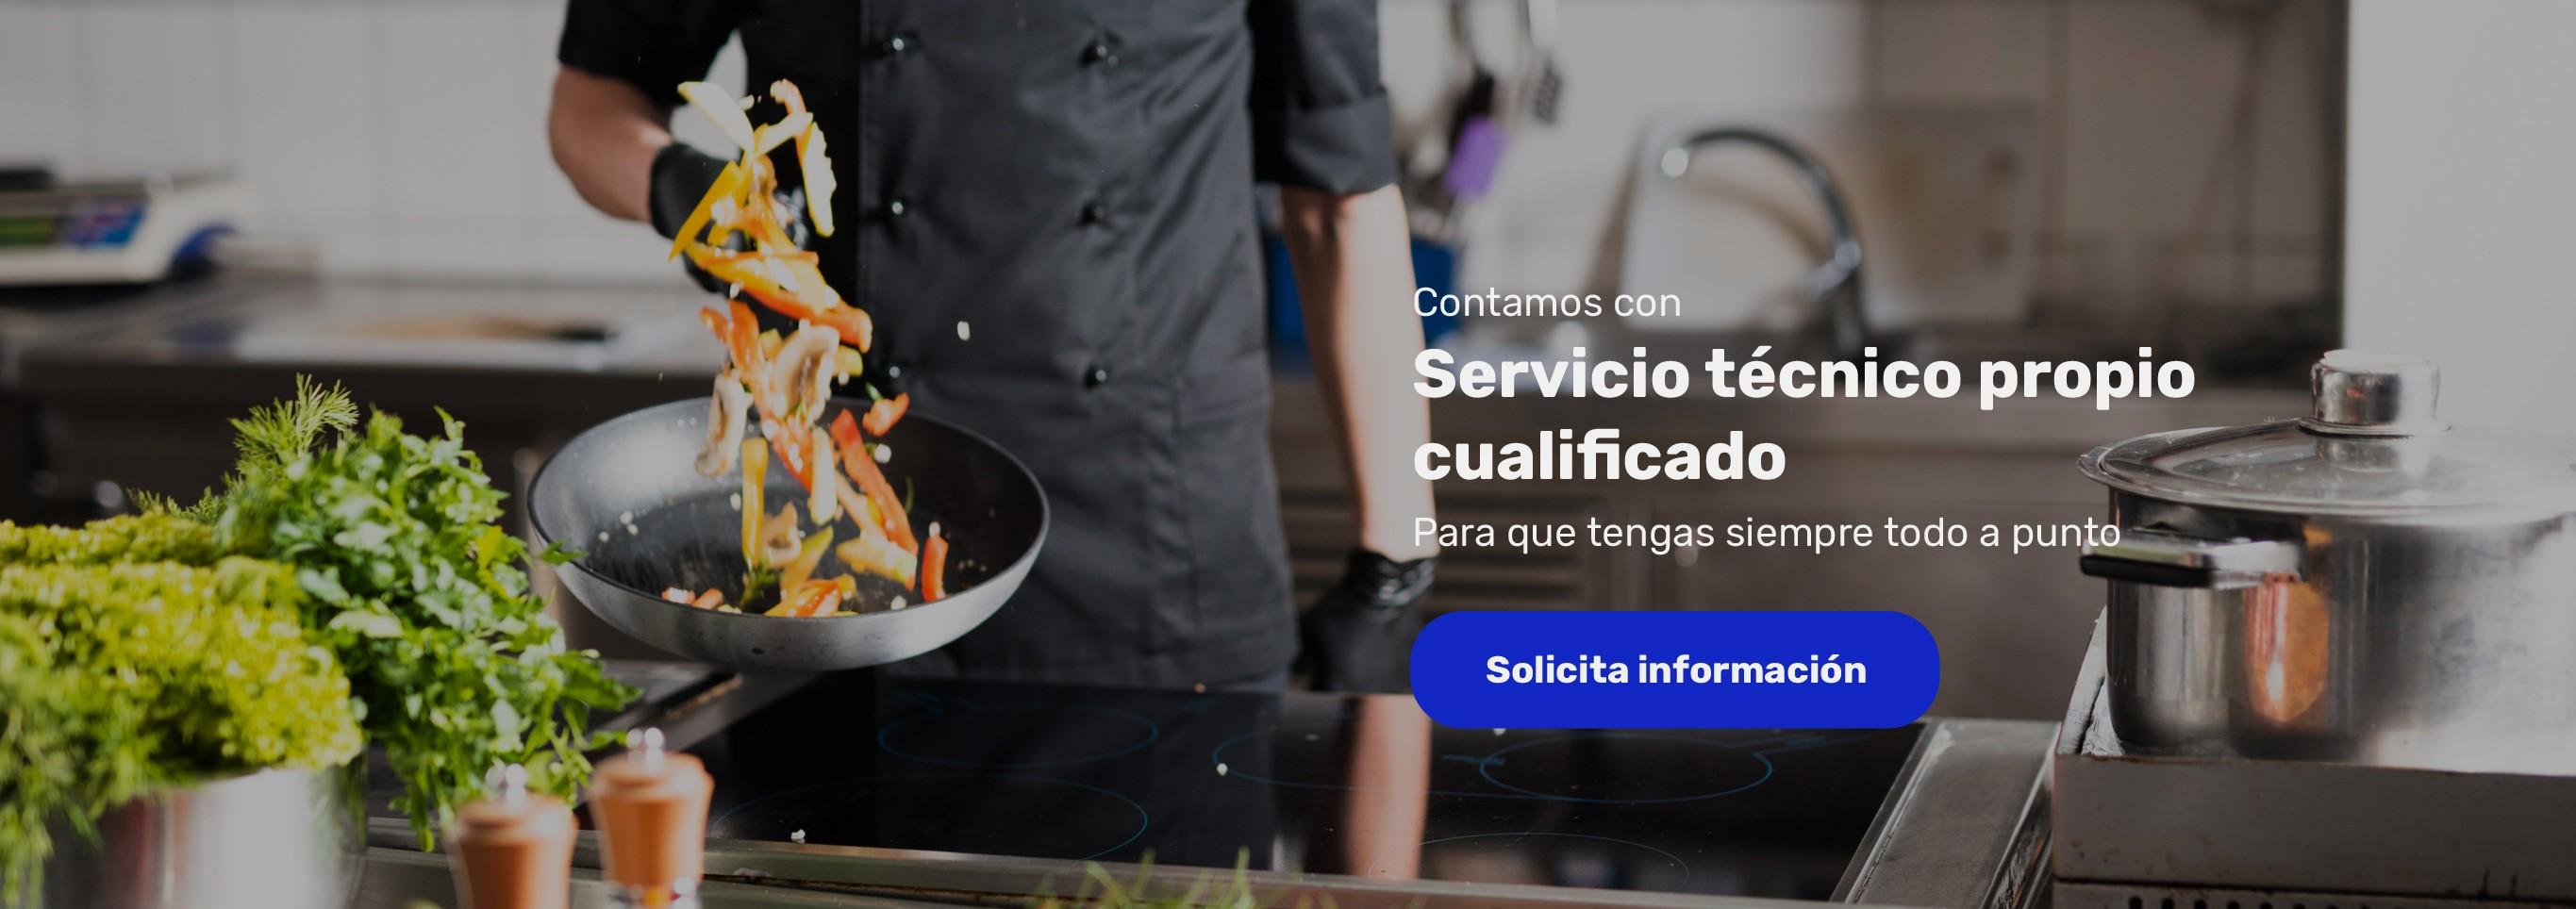 Servicio técnico propio cualificado